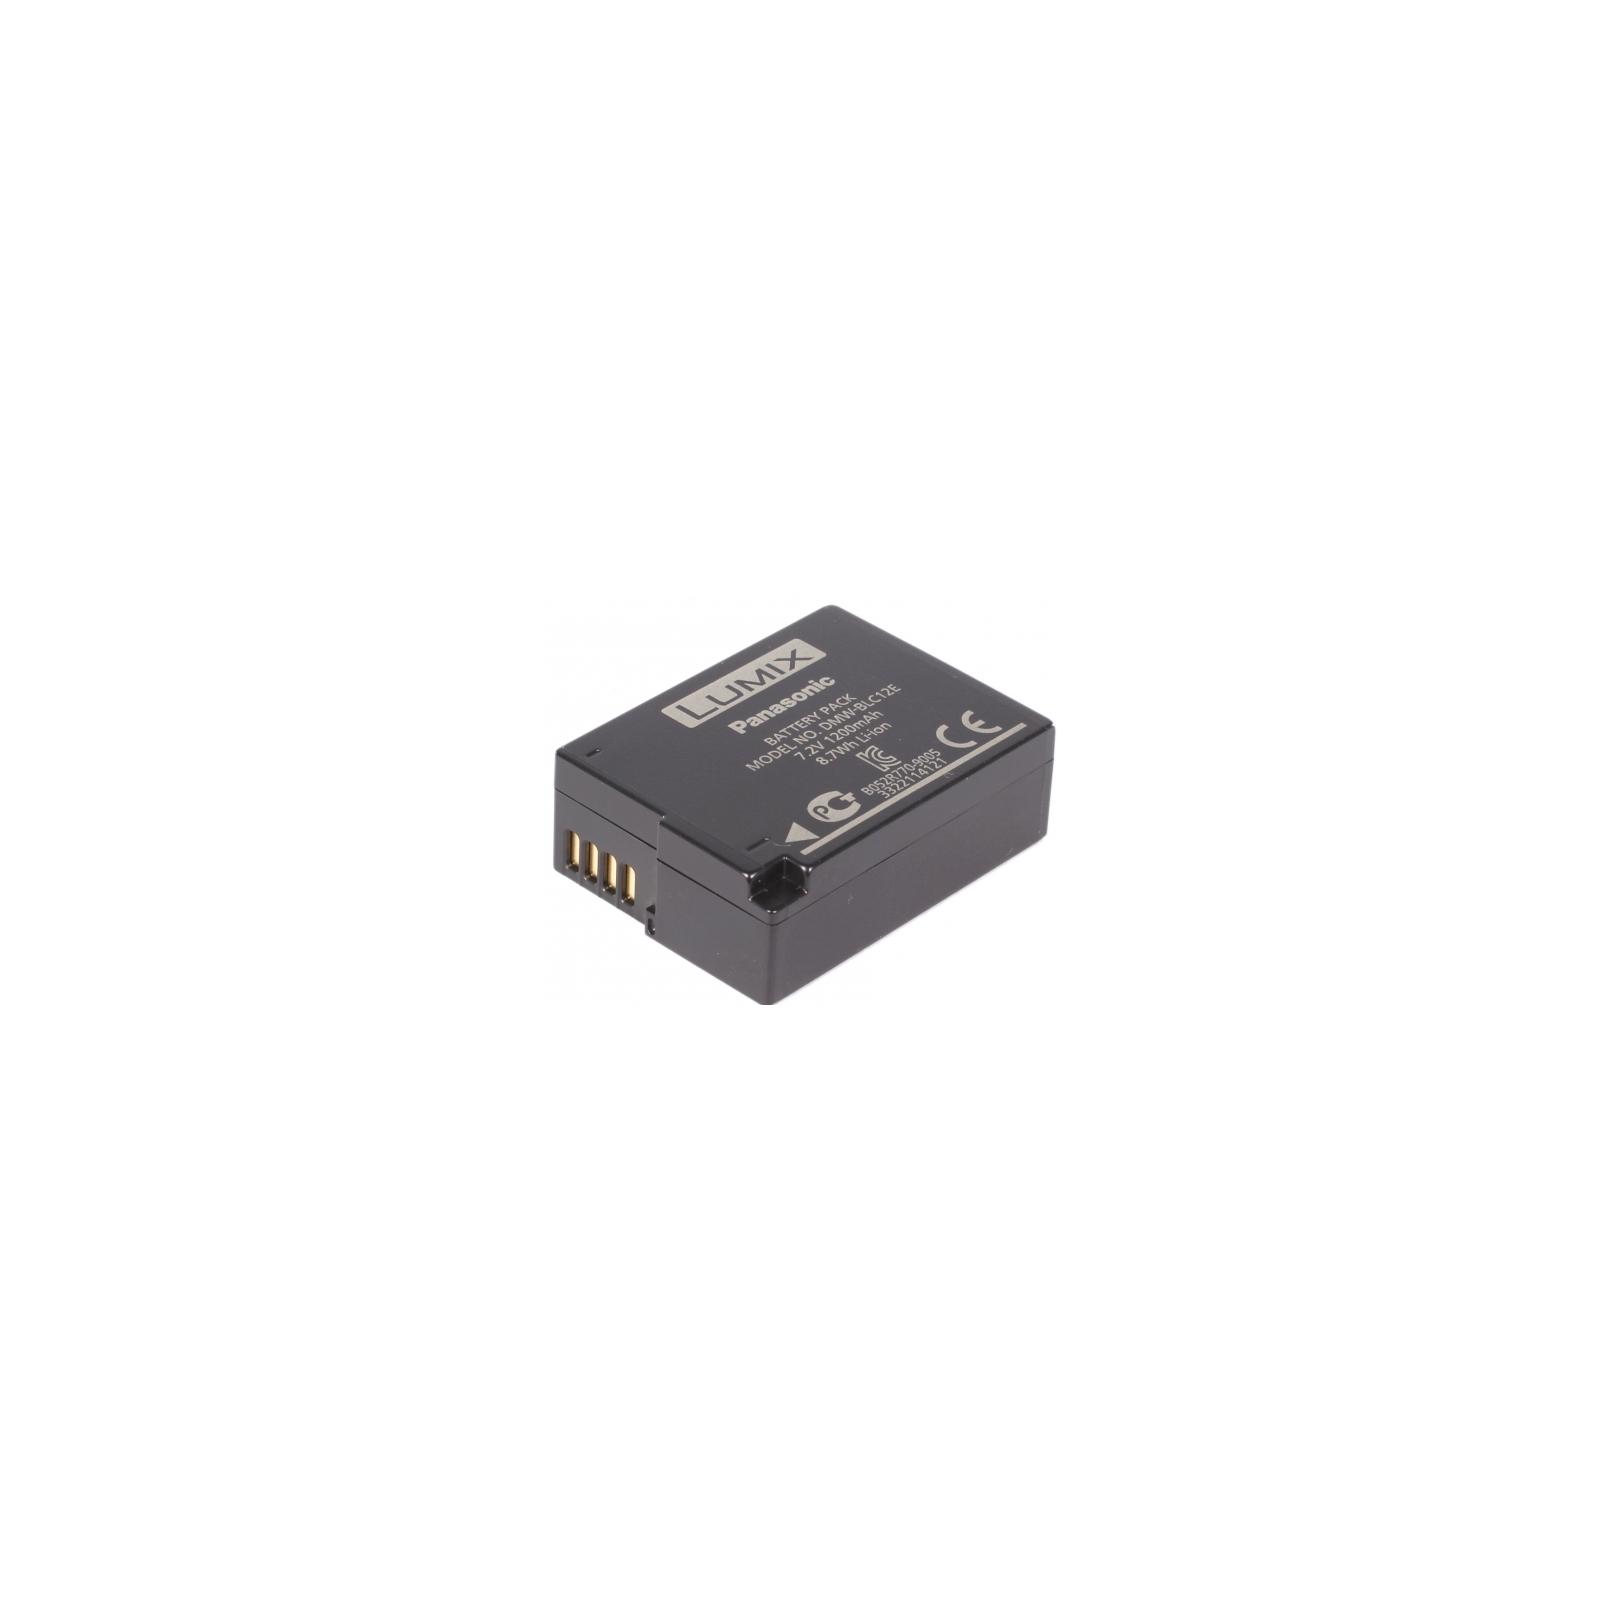 Аккумулятор к фото/видео PANASONIC DMW-BLC12E для фотокамер GH2 (DMW-BLC12E)